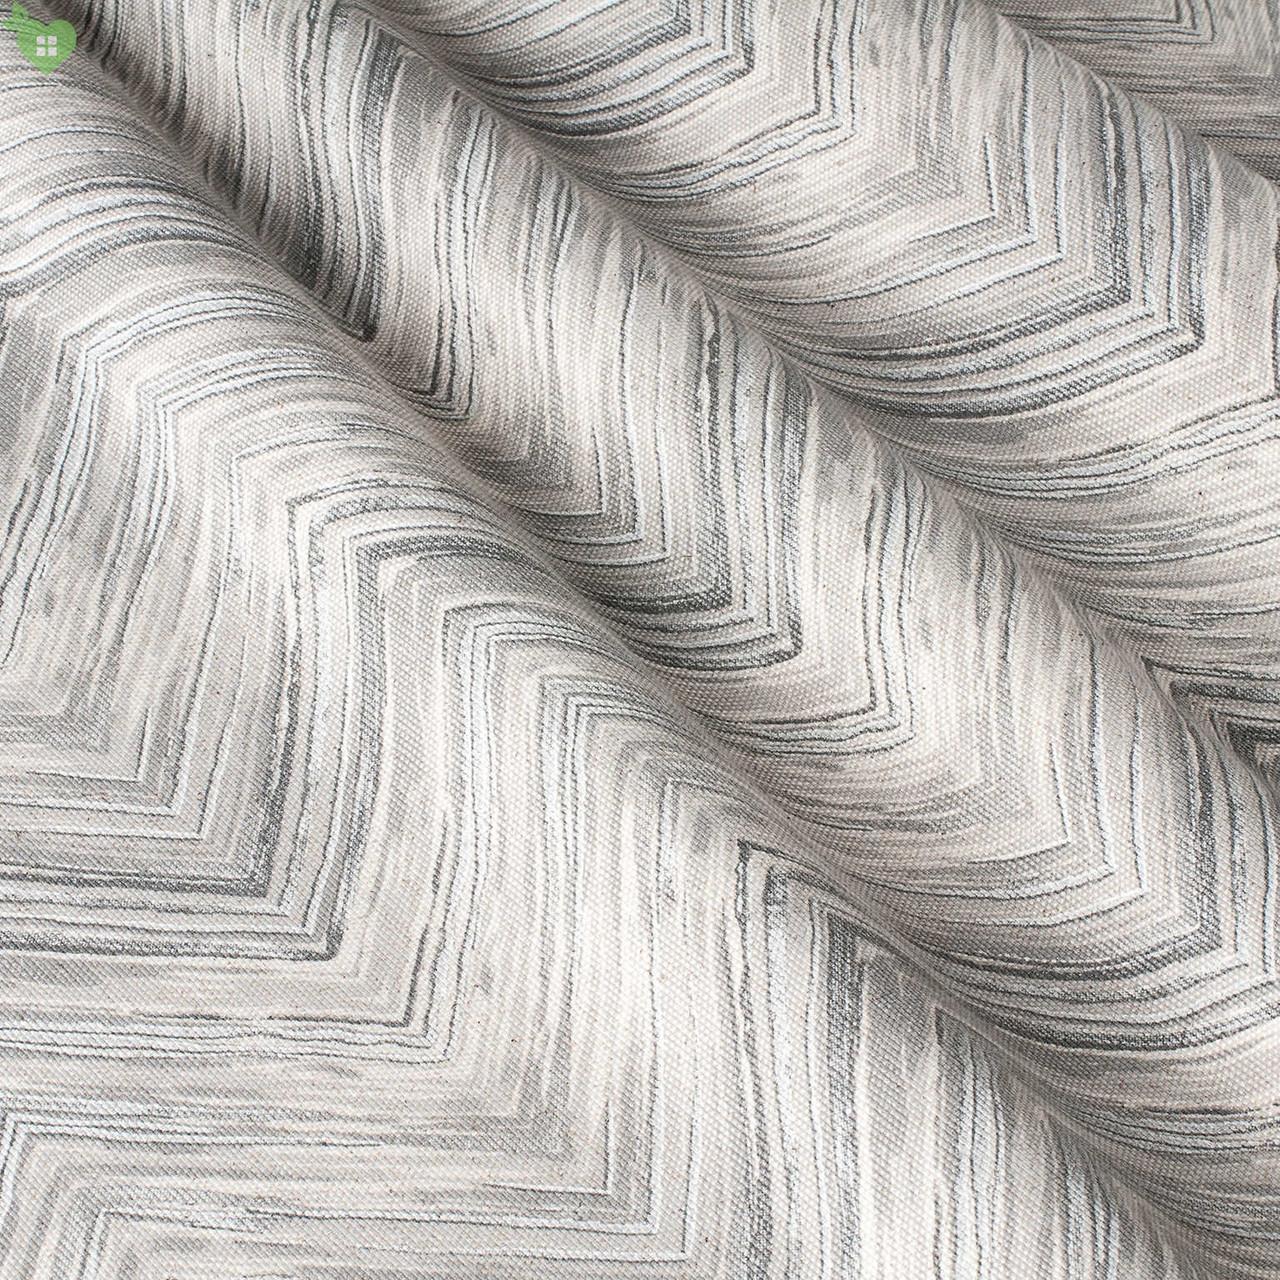 Ткань хлопок-лен для штор, подушек, покрывал в серые тонкие зигзаги 82876v1